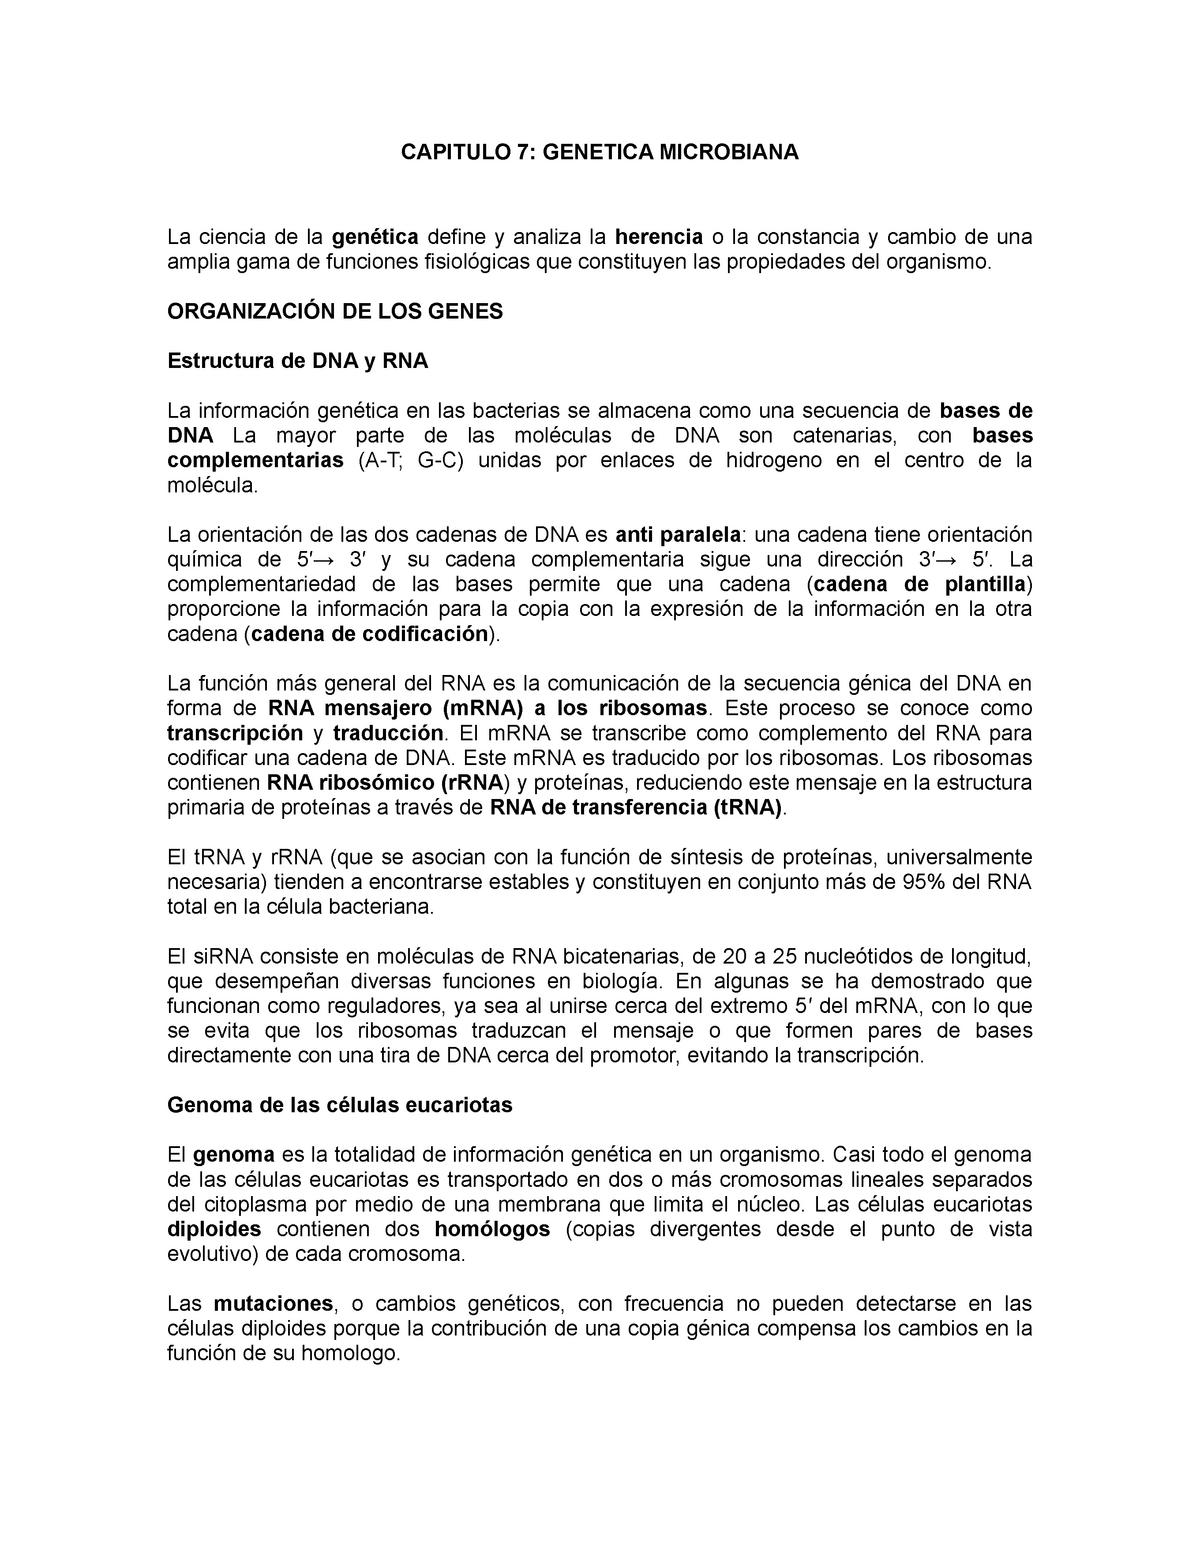 Capítulo 7 Genética Bacteriana Patología Infecciosa 175251